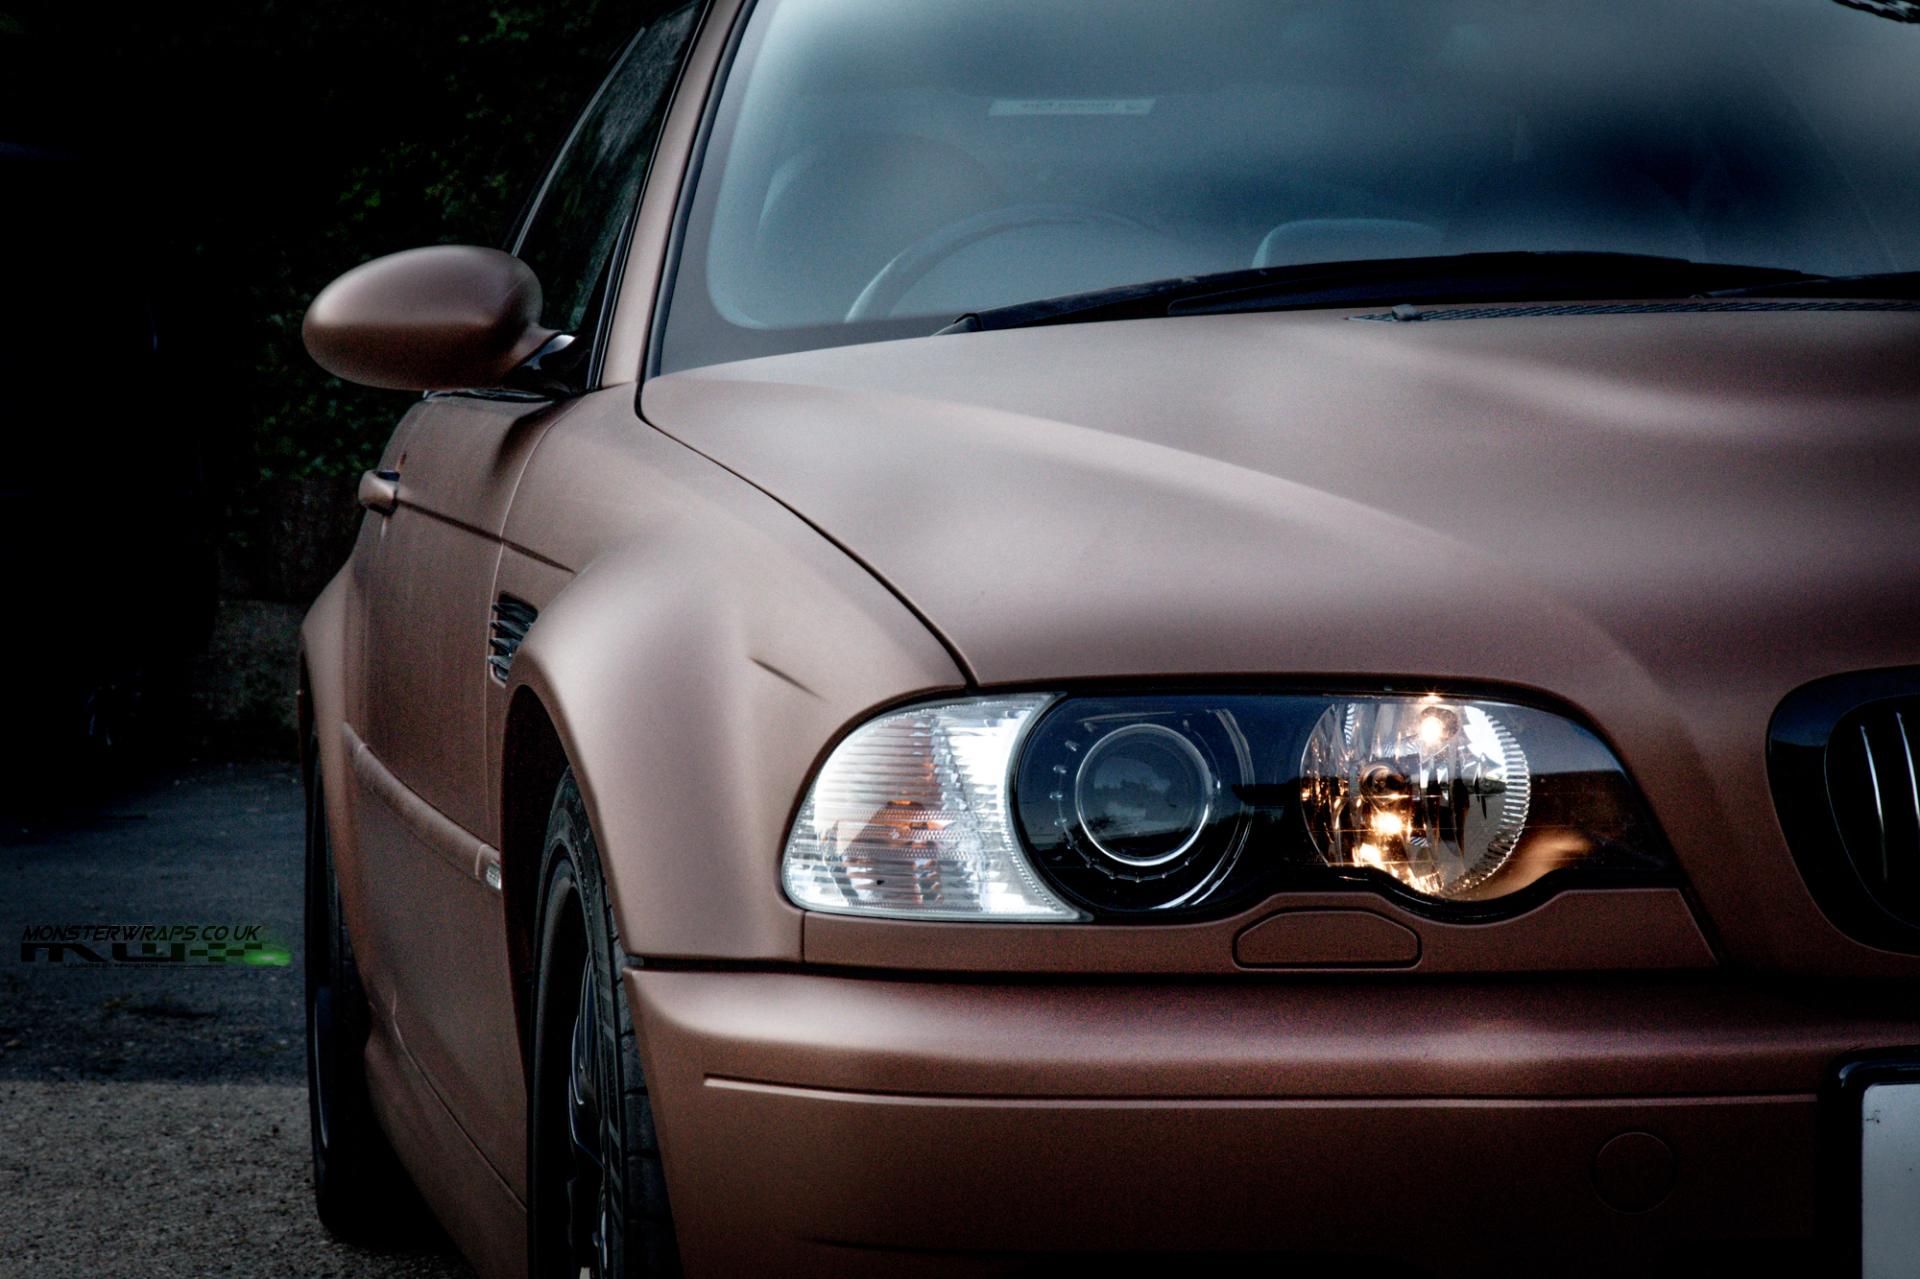 Bmw M3 E46 Wrap 3m 1080 Matte Brown Metallic Wrap